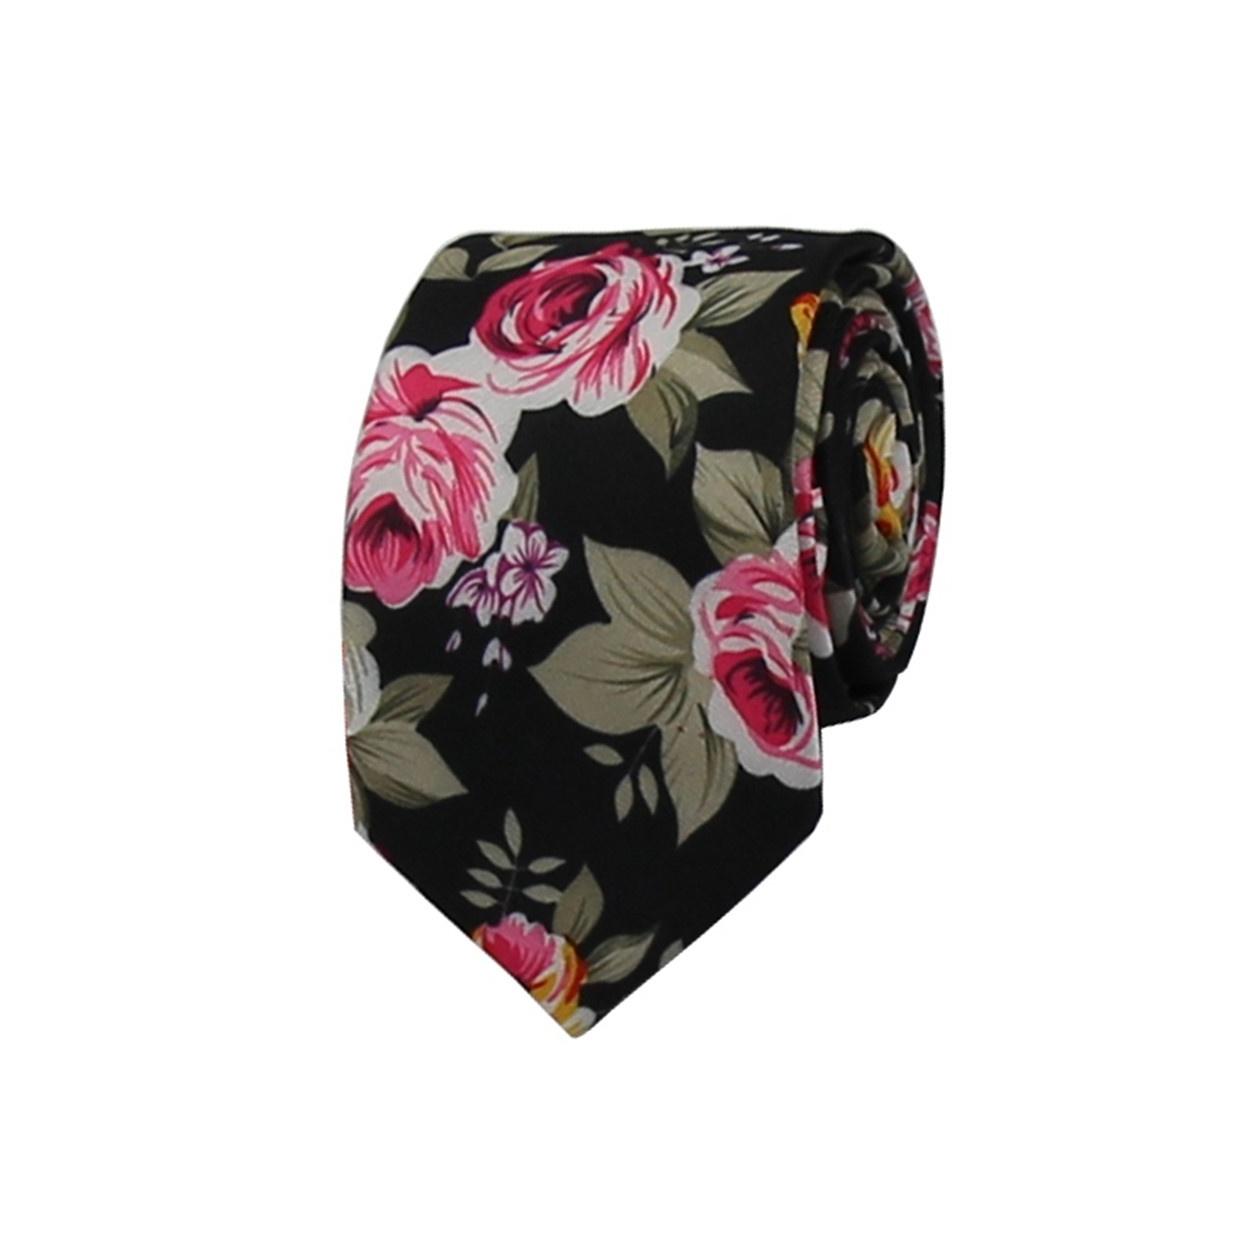 d8f4f5f74e8 Černá květovaná pánská bavlněná kravata. 420